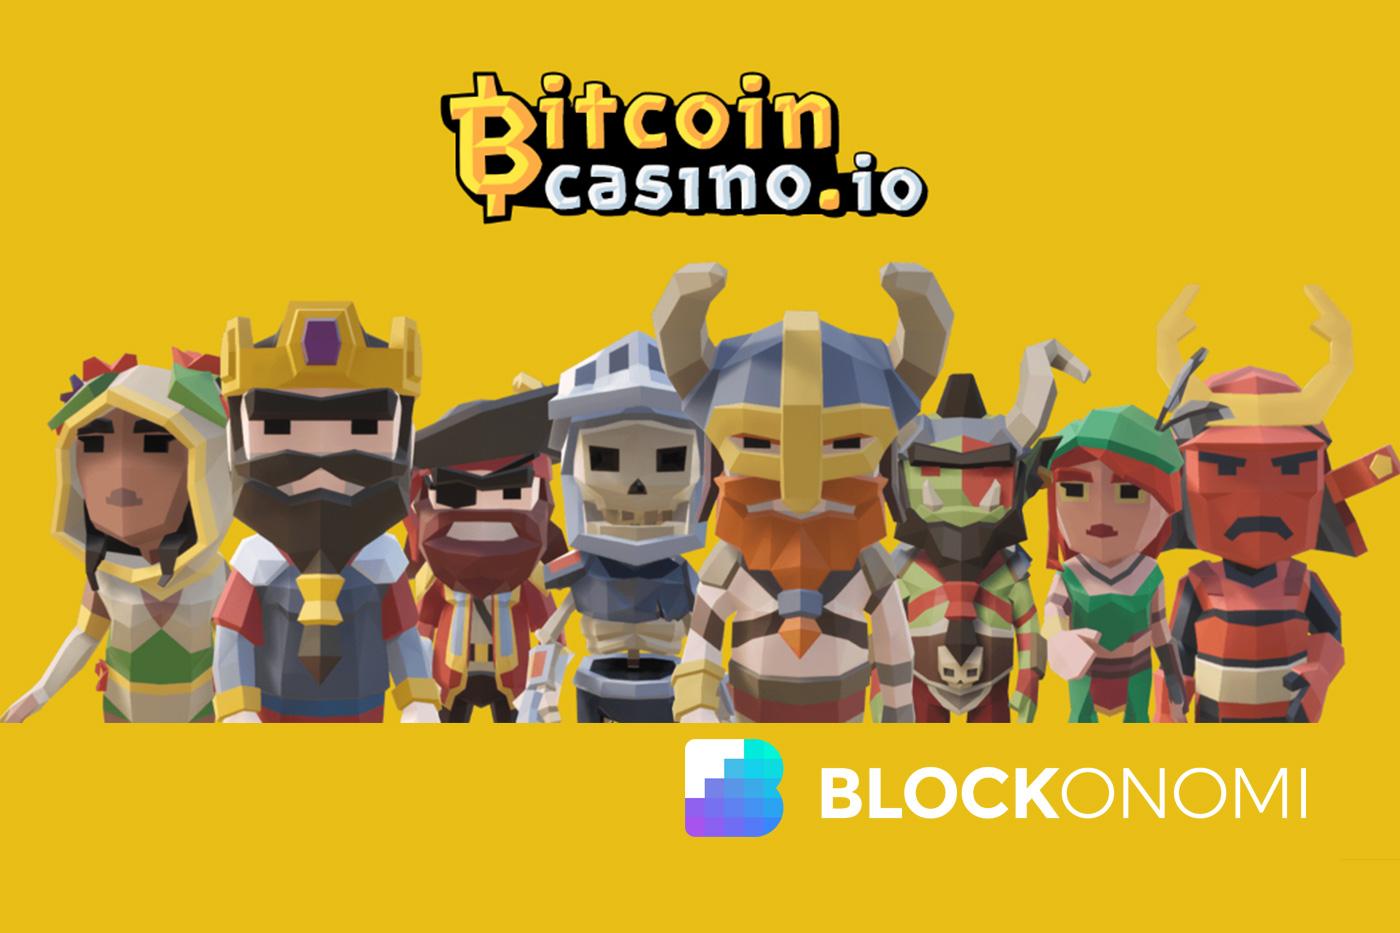 Bitcoin innskuddsbonus